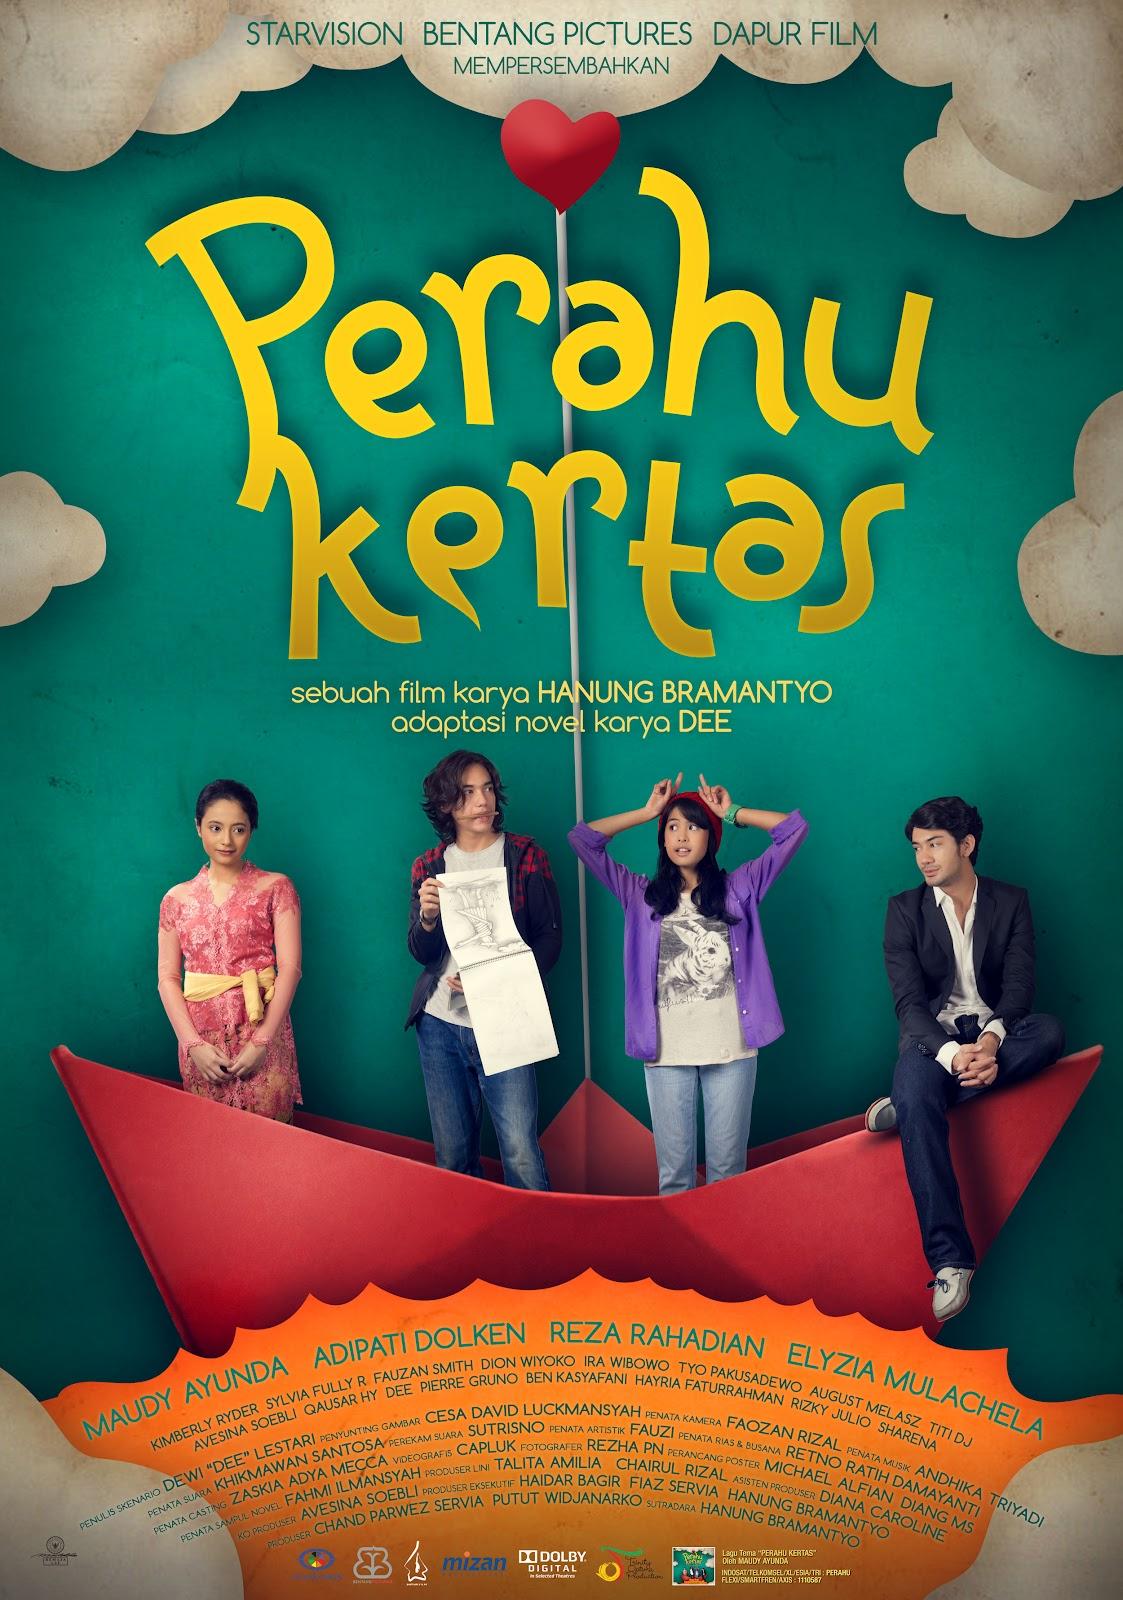 Download Film Perahu Kertas 1 Full